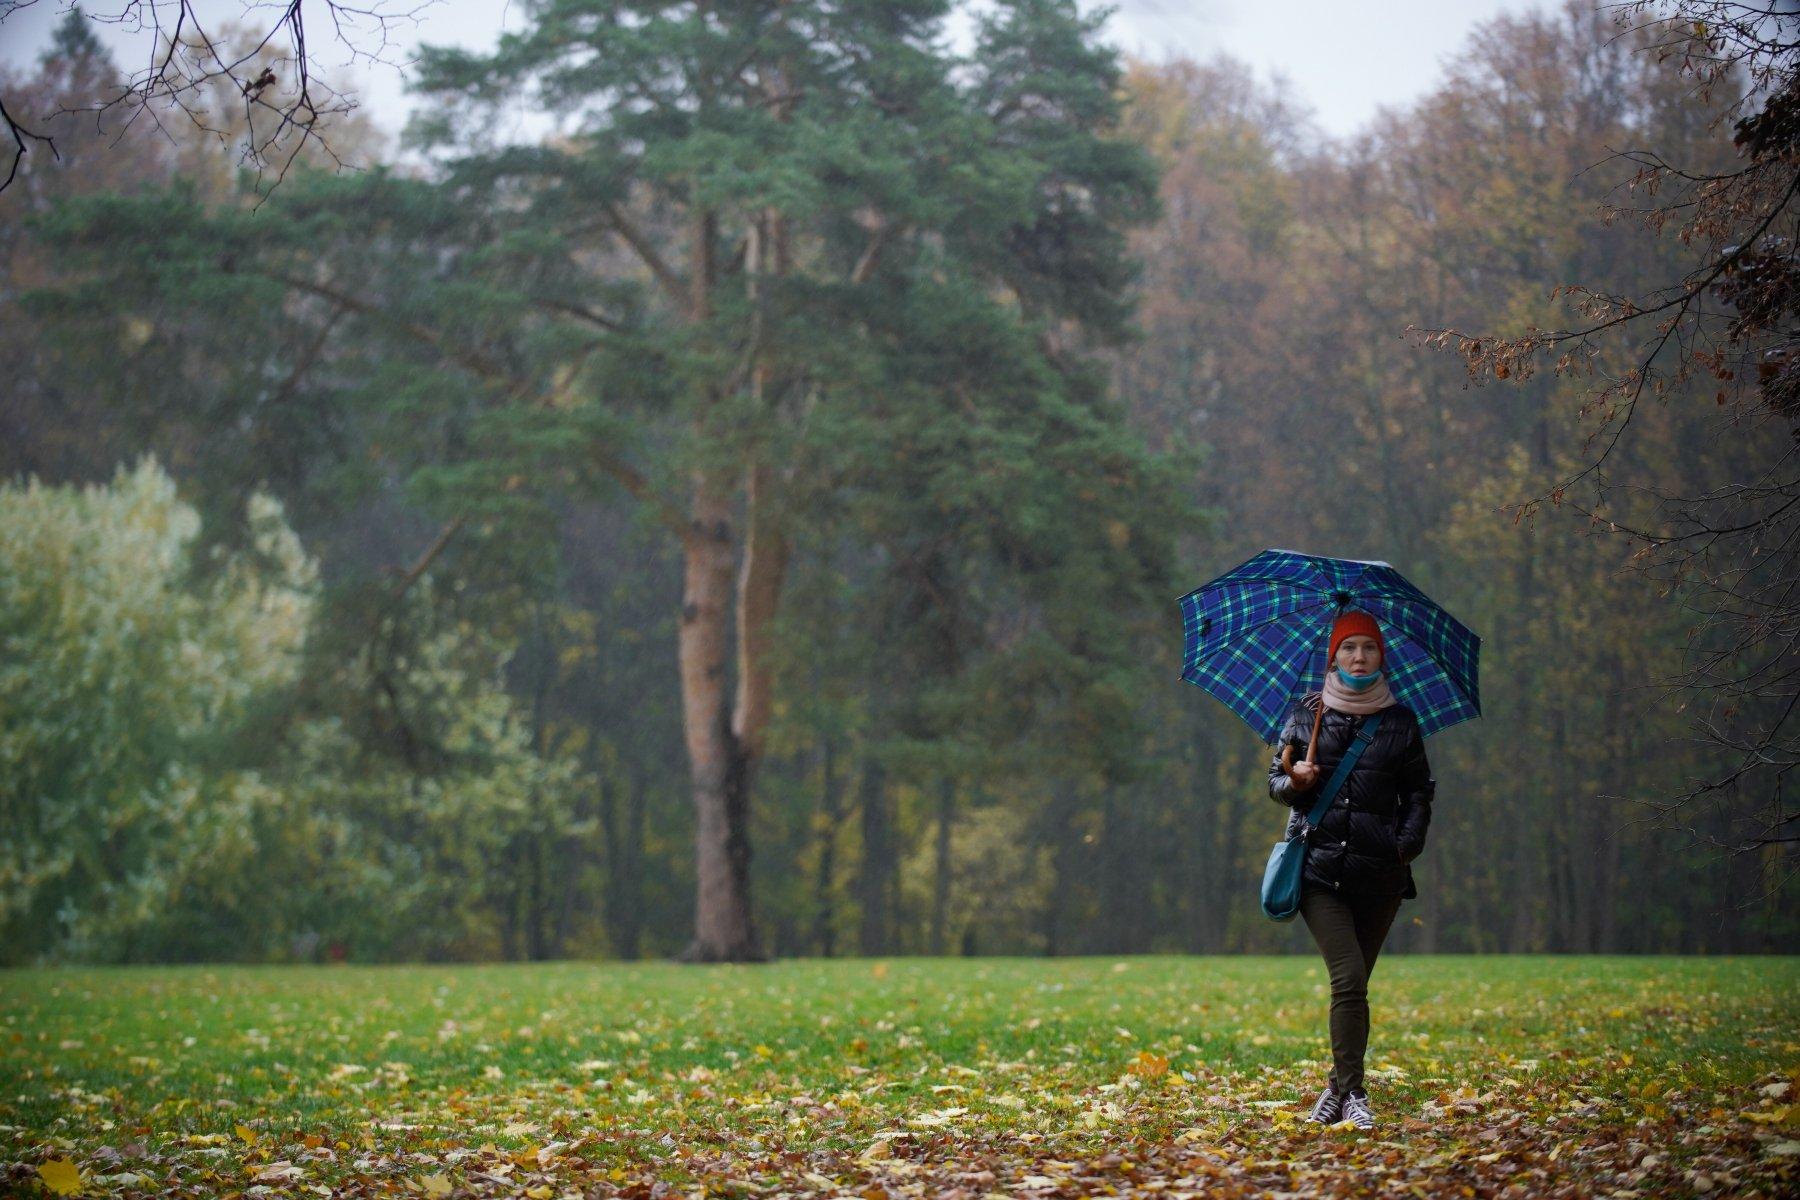 Жителей Московской области предупредили о сильном дожде и ветре 8 мая